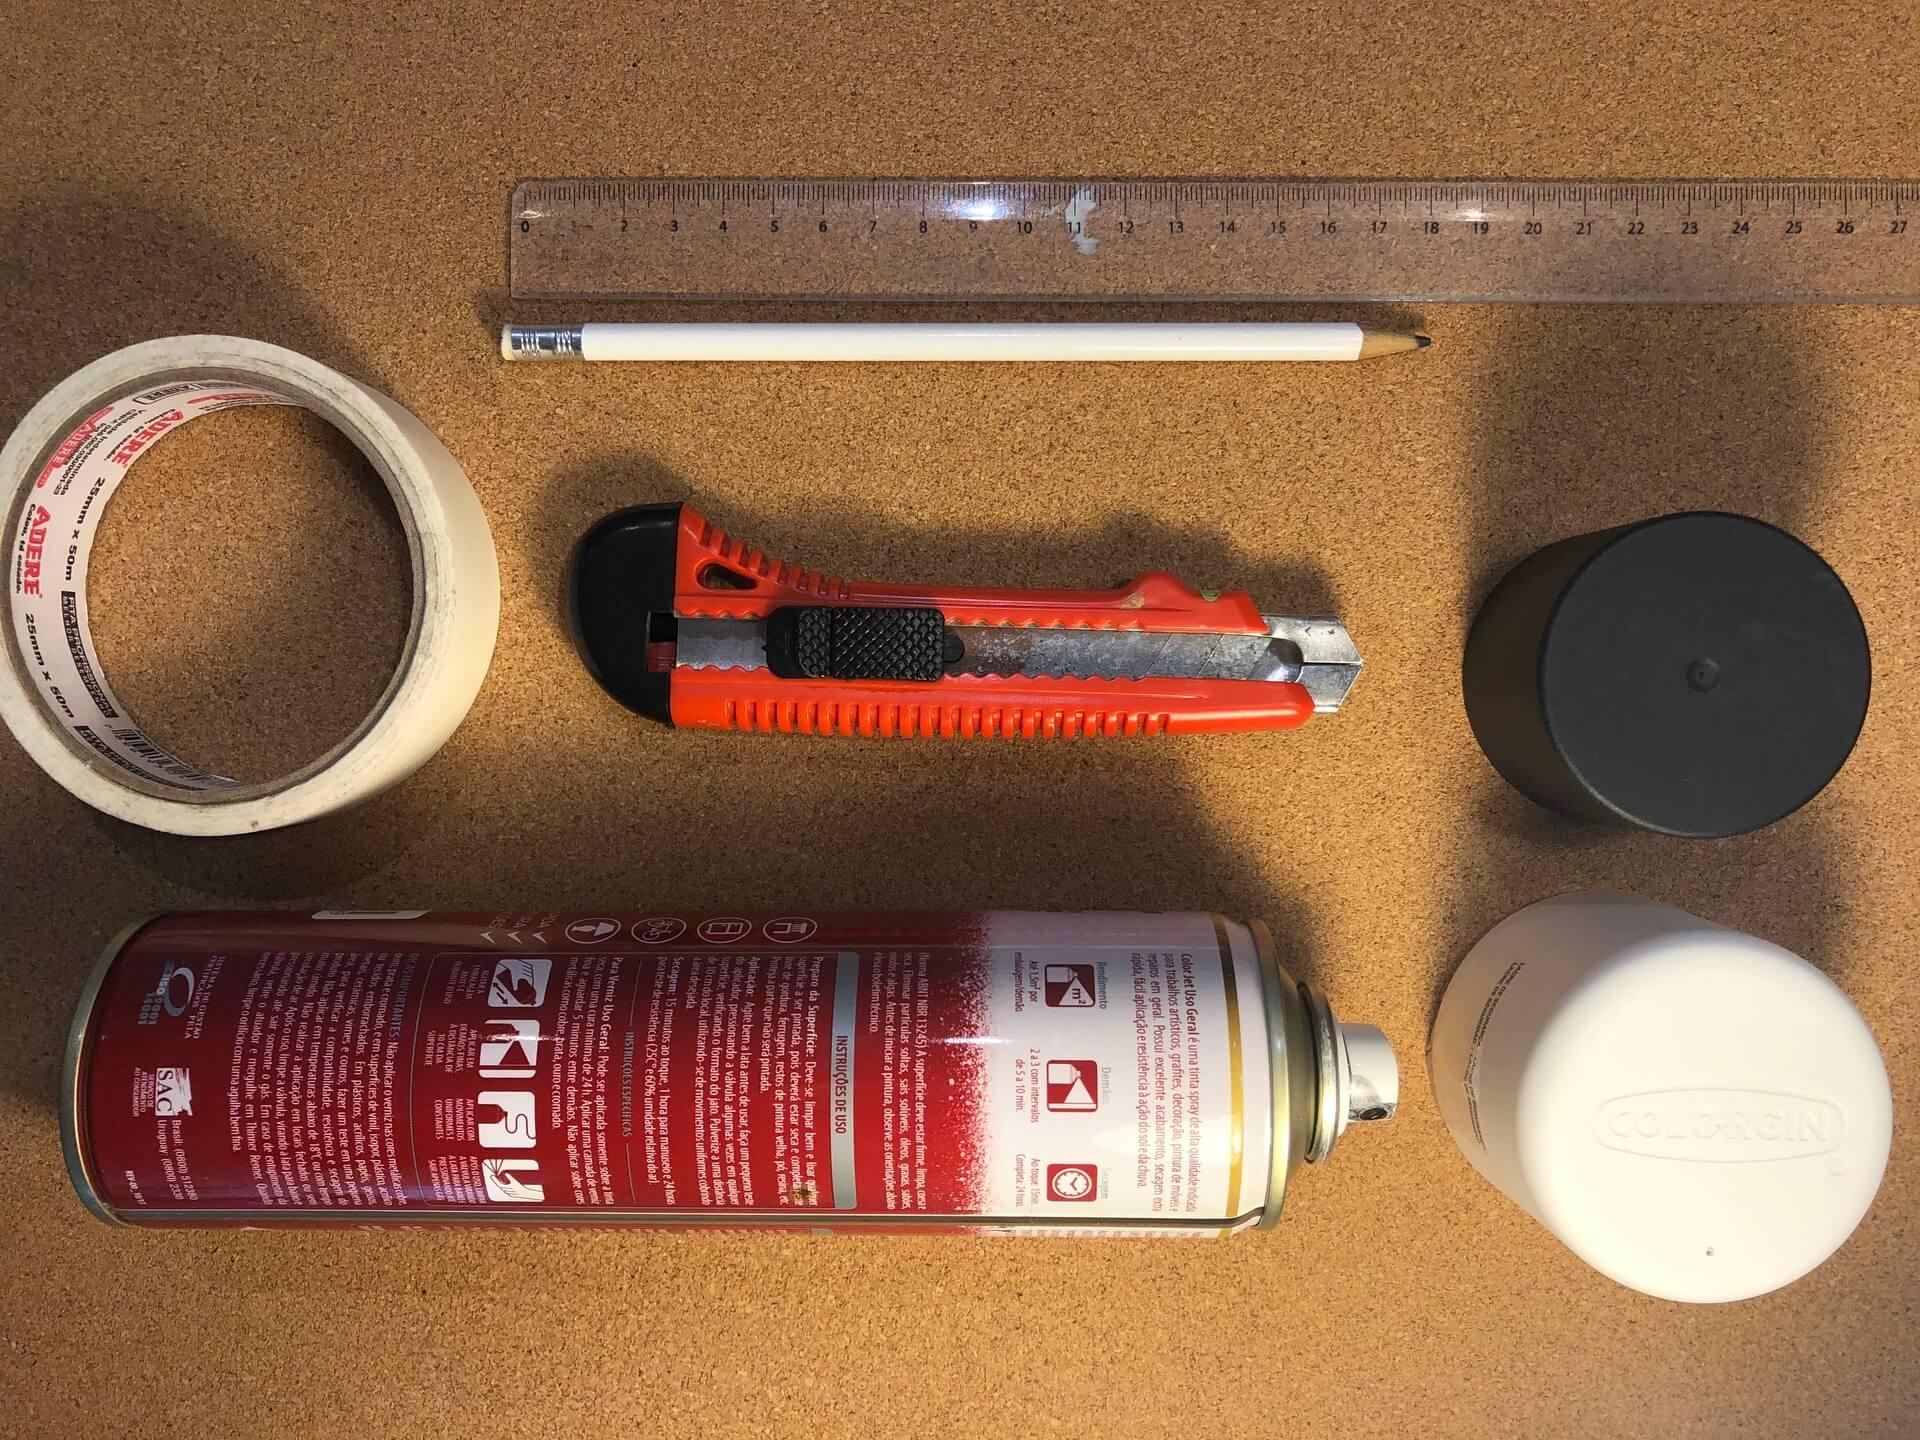 Imagem: Para produzir essas bolachas, é necessário: pedaços de cortiça 5mm, tinta spray ou tinta PVA, régua, estilete, fita crepe, e lápis ou caneta para marcação.